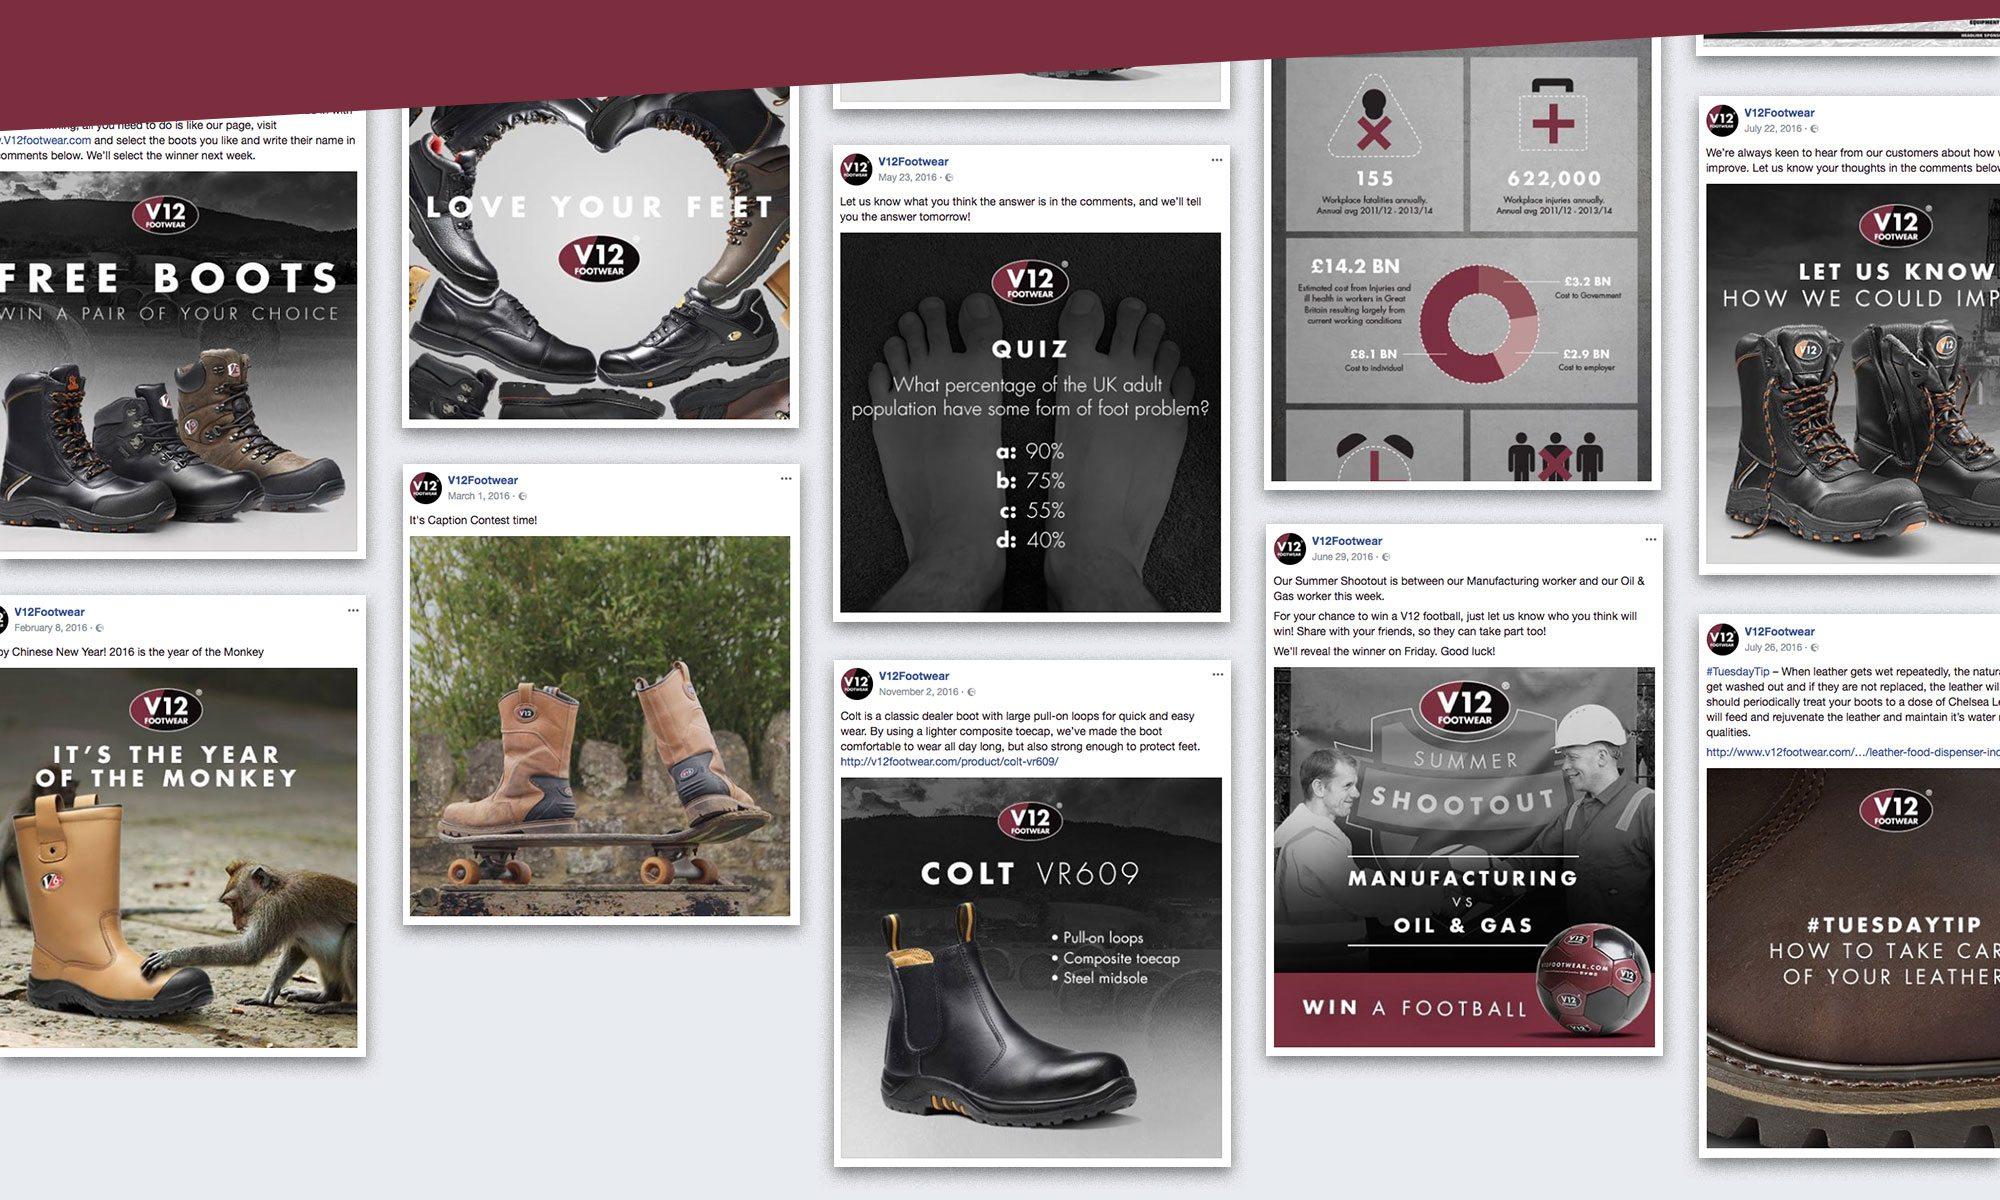 V12 Footwear Social Media Posts